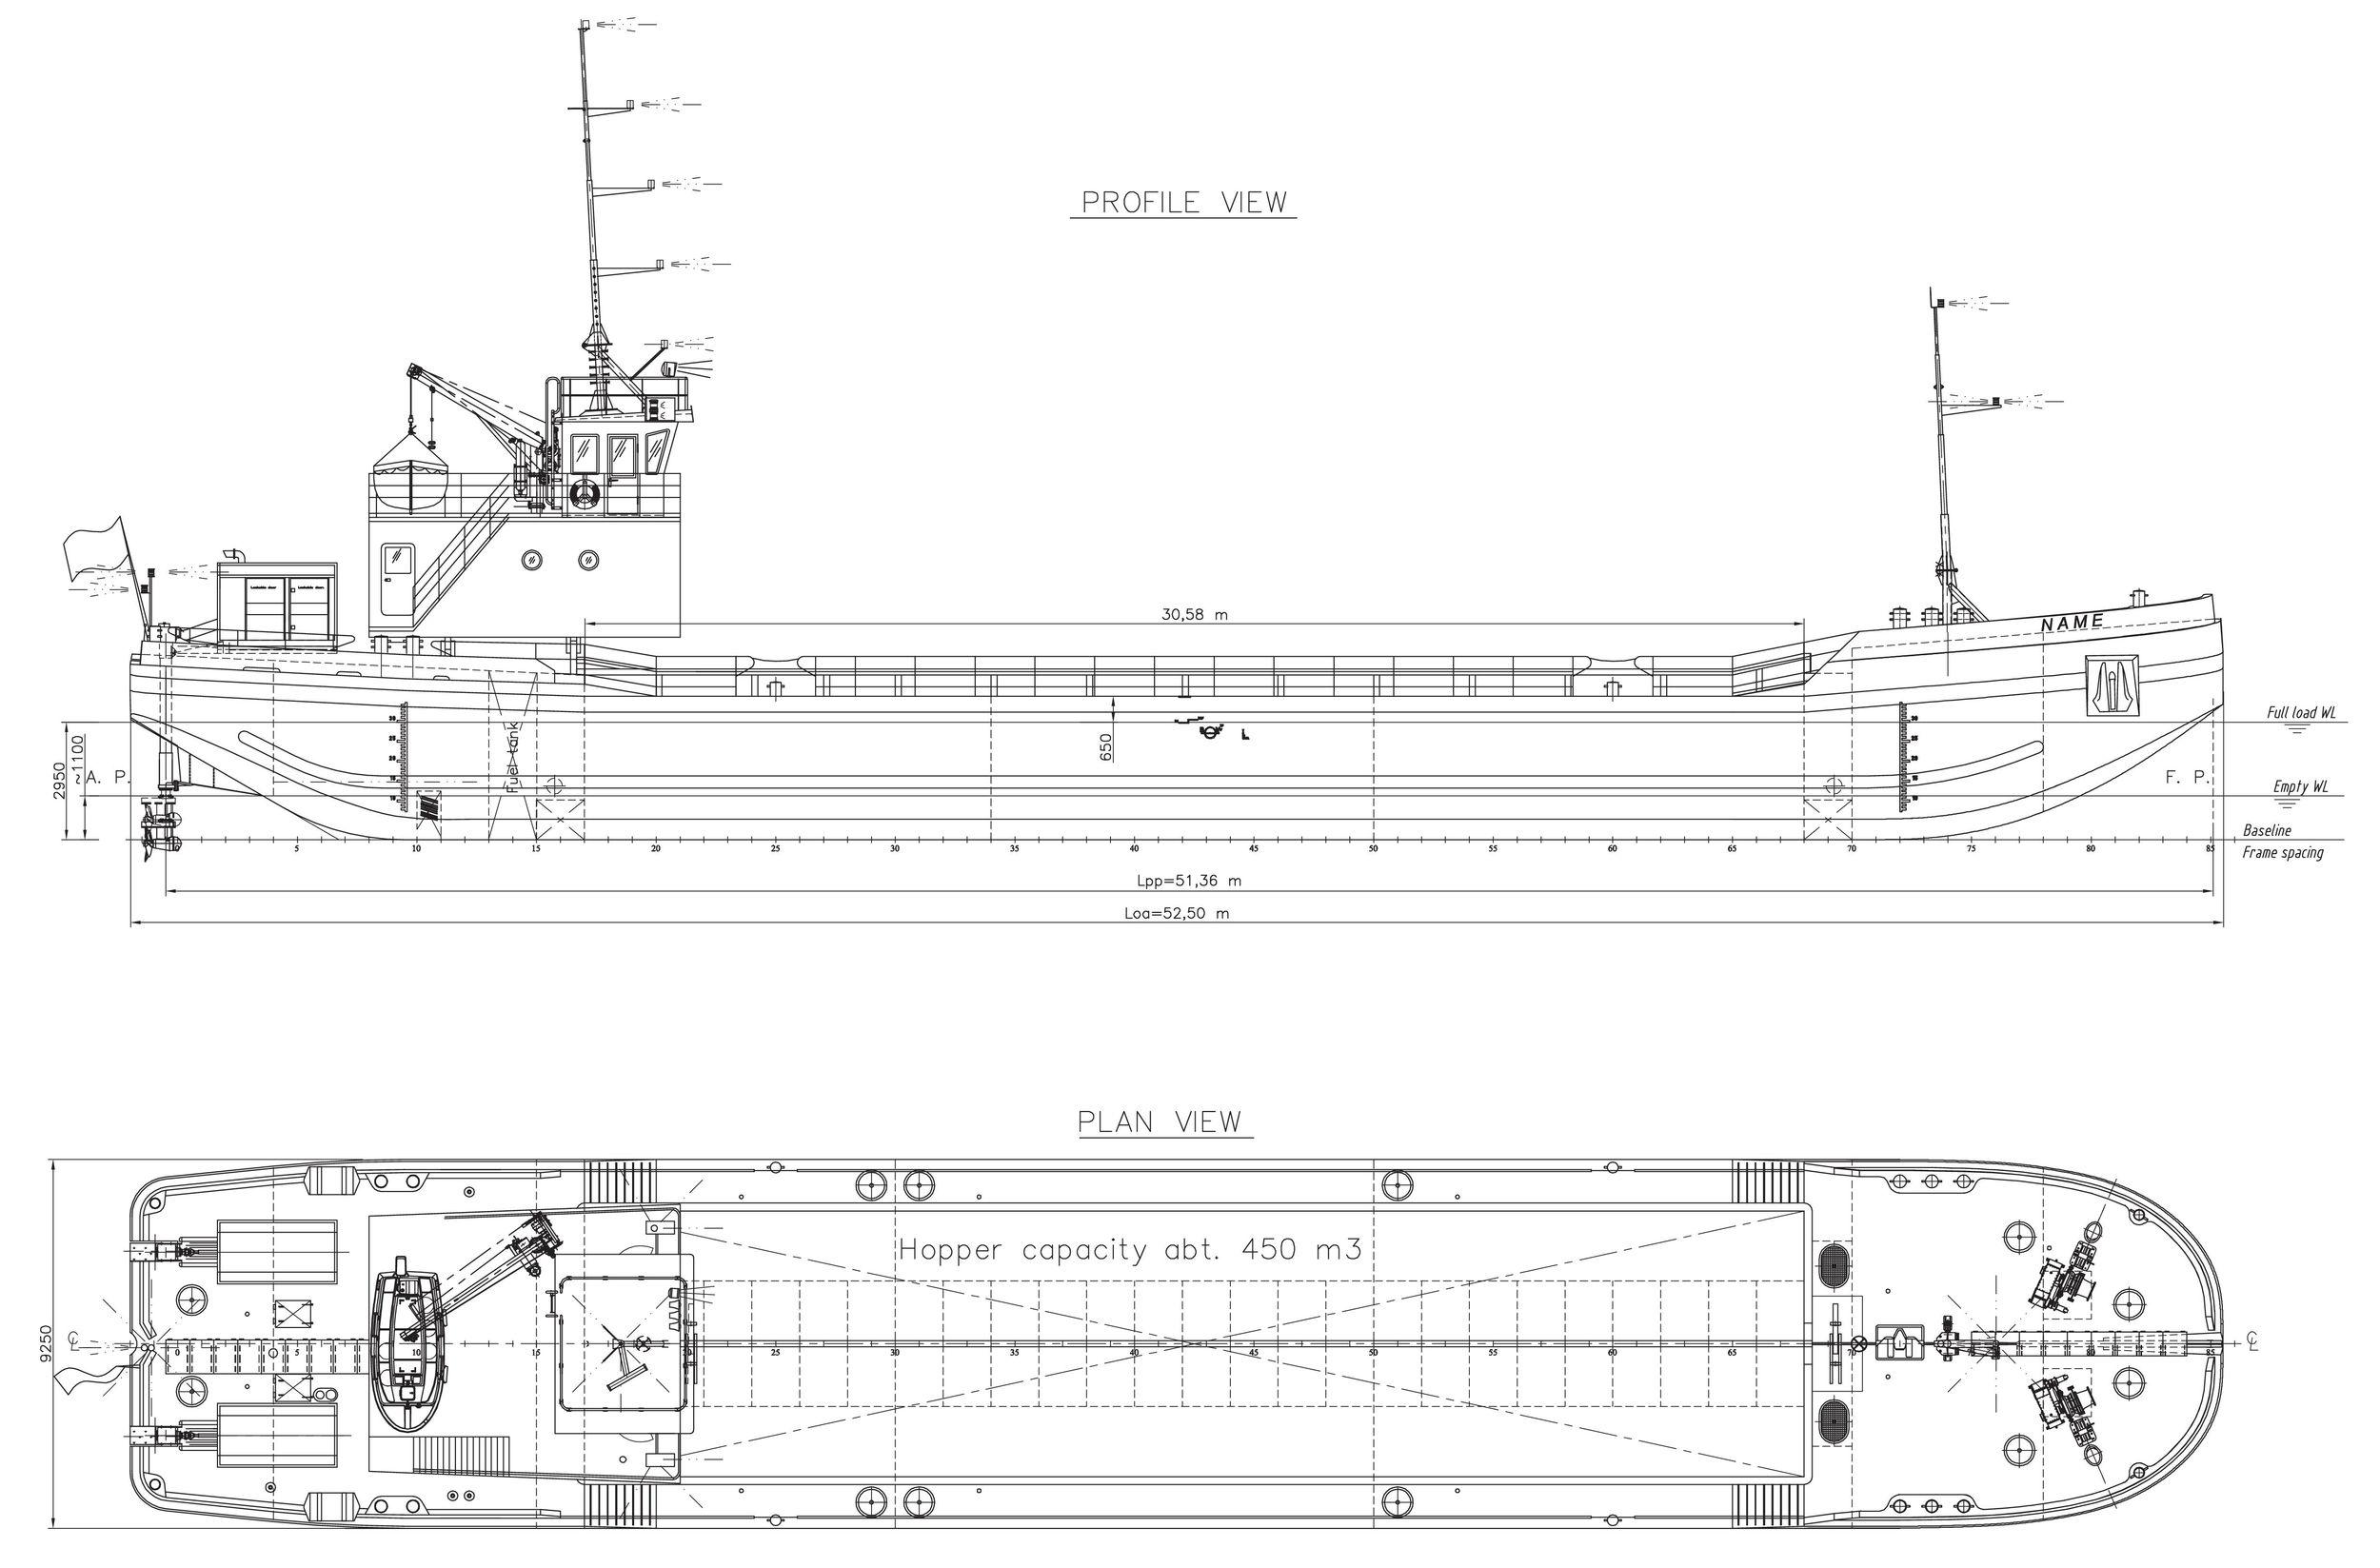 Splitbarge 450 m3 self-propelled